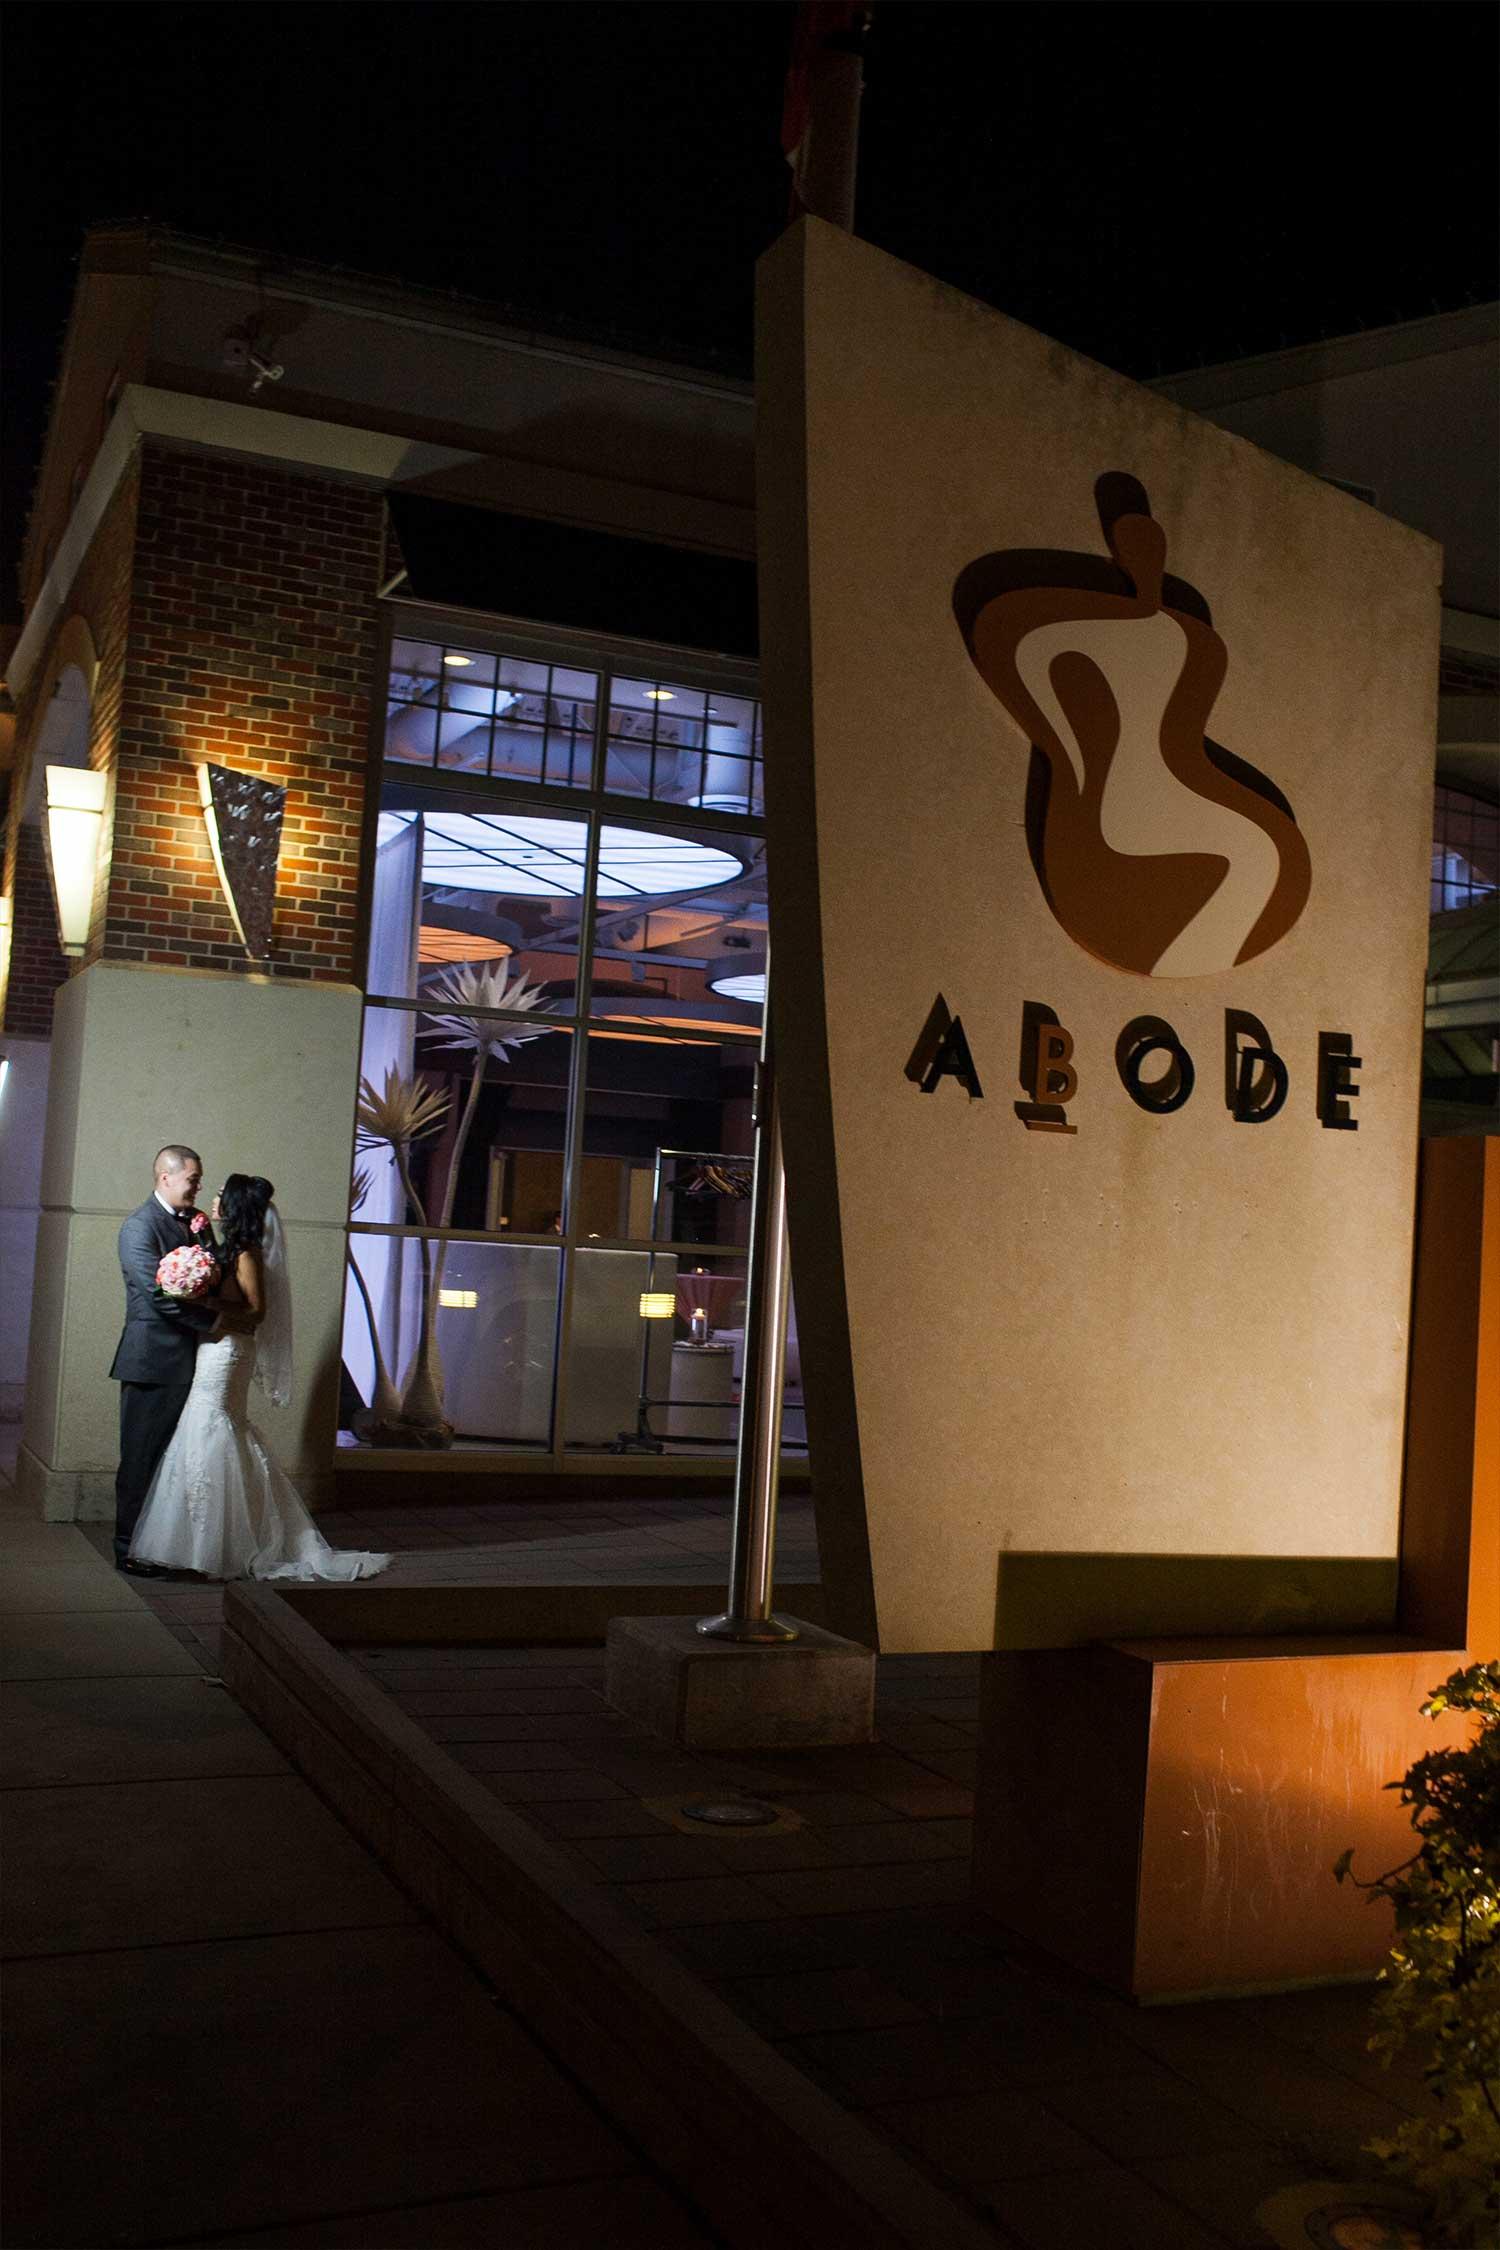 Abode-Venue-LolaJo-Turner-1955-1500px.jpg